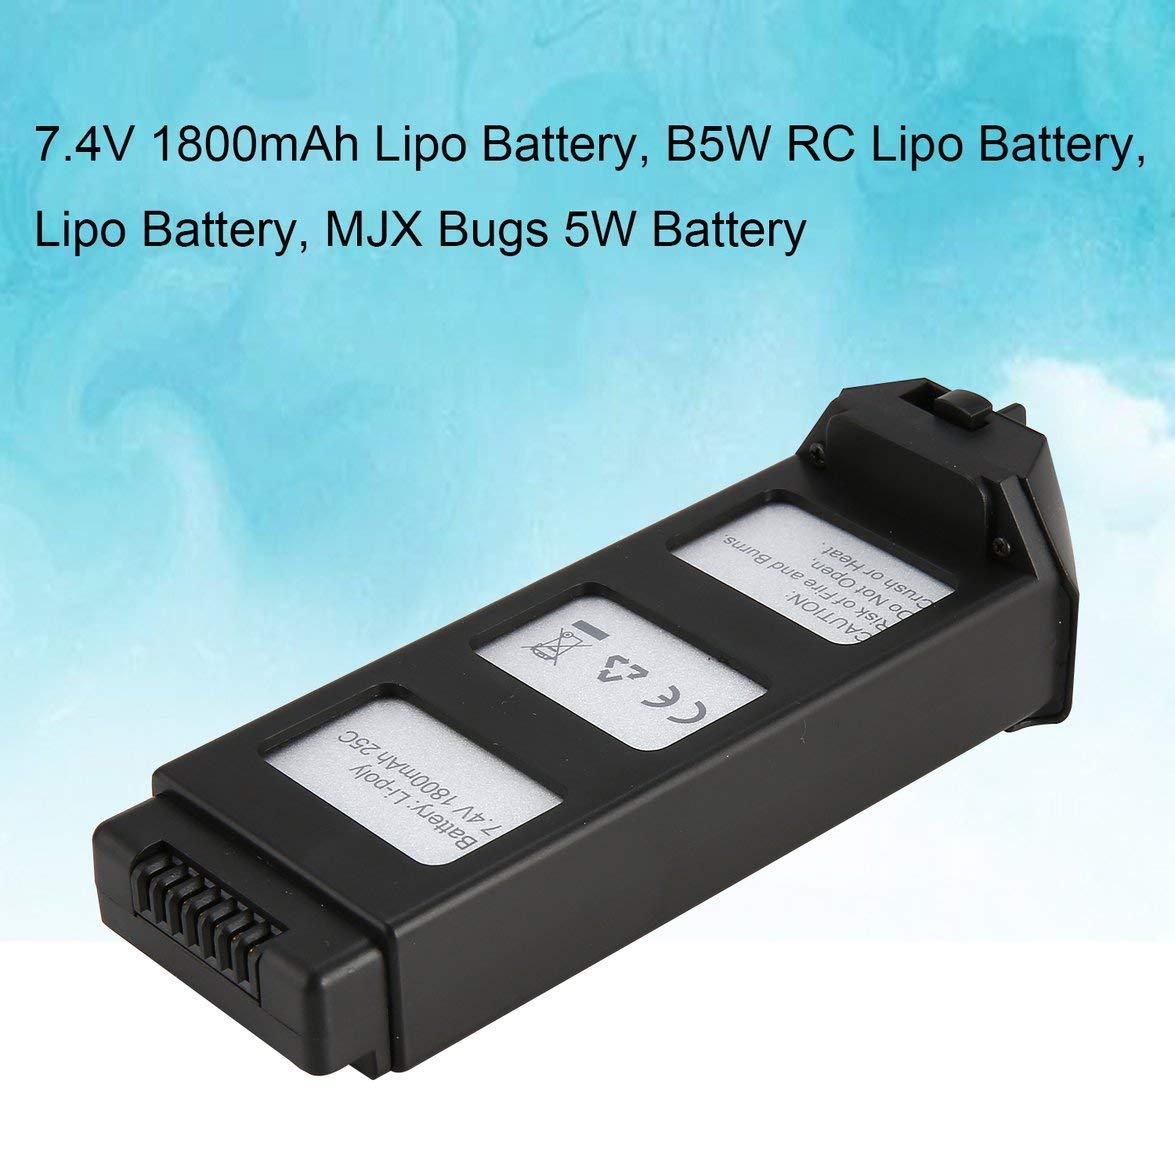 Kongqiabona 7.4V 1800mAh Batería Li-po con Cargador 4 en 1 ...